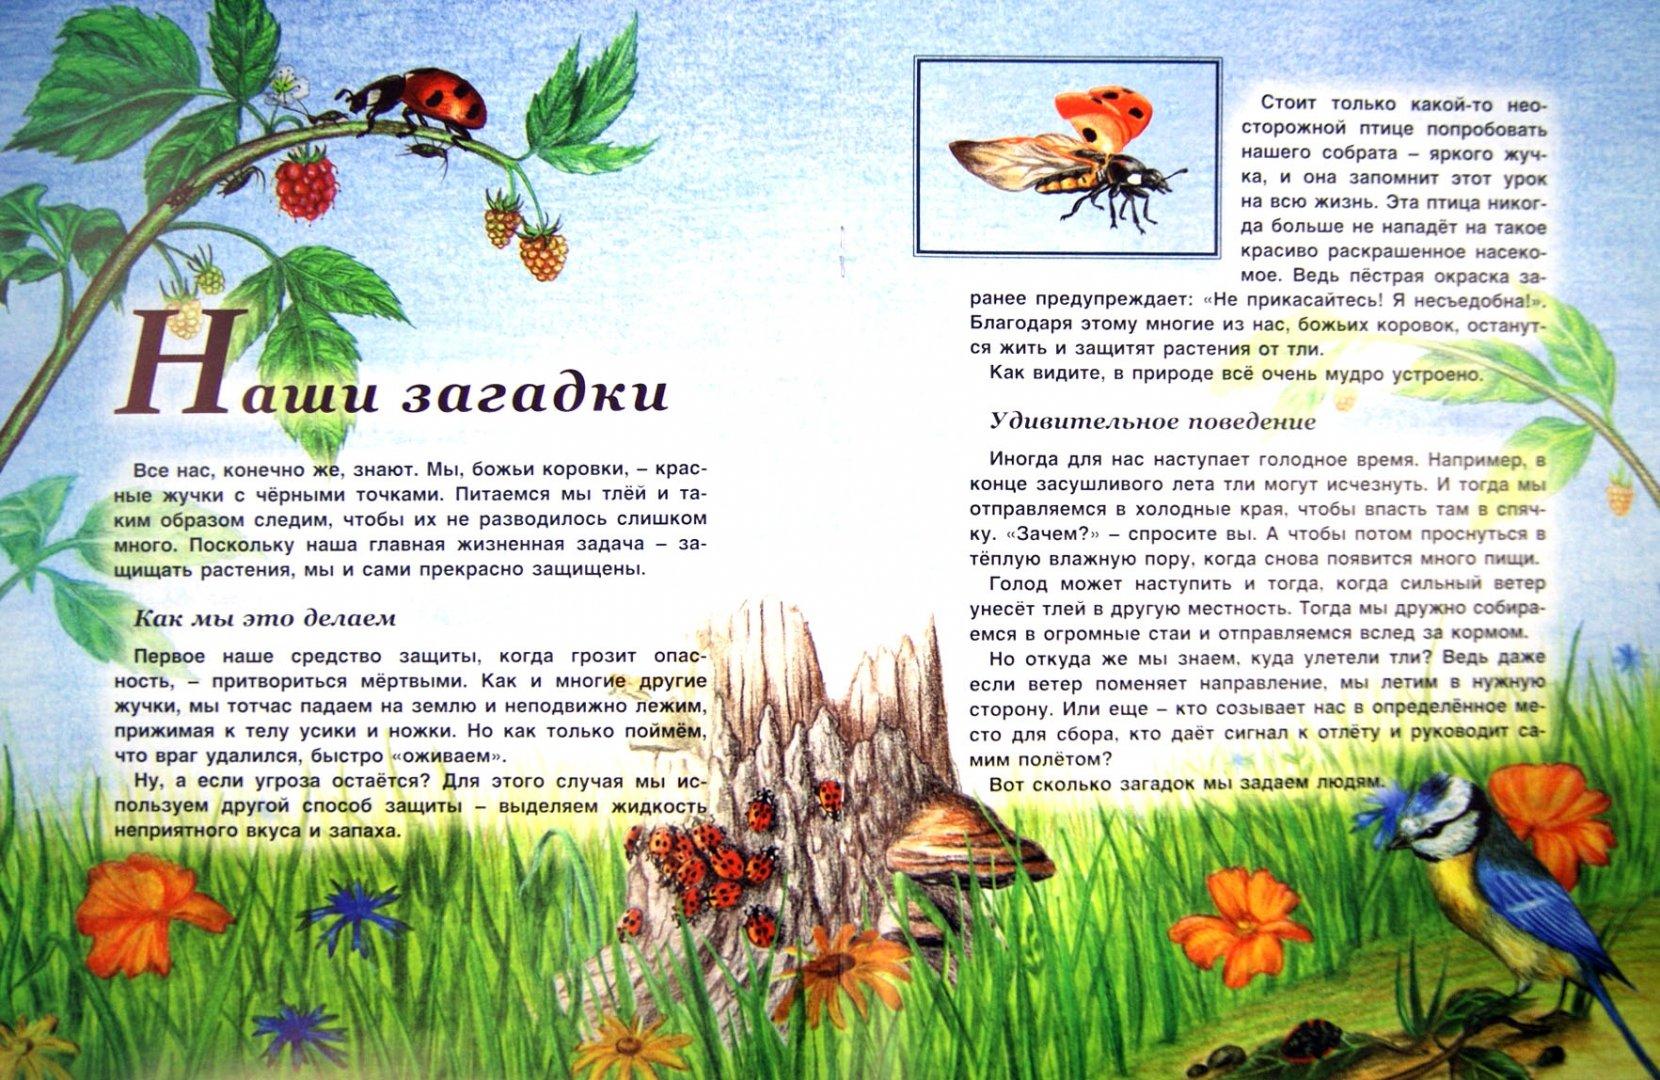 Иллюстрация 1 из 13 для Насекомые - Татьяна Жданова | Лабиринт - книги. Источник: Лабиринт